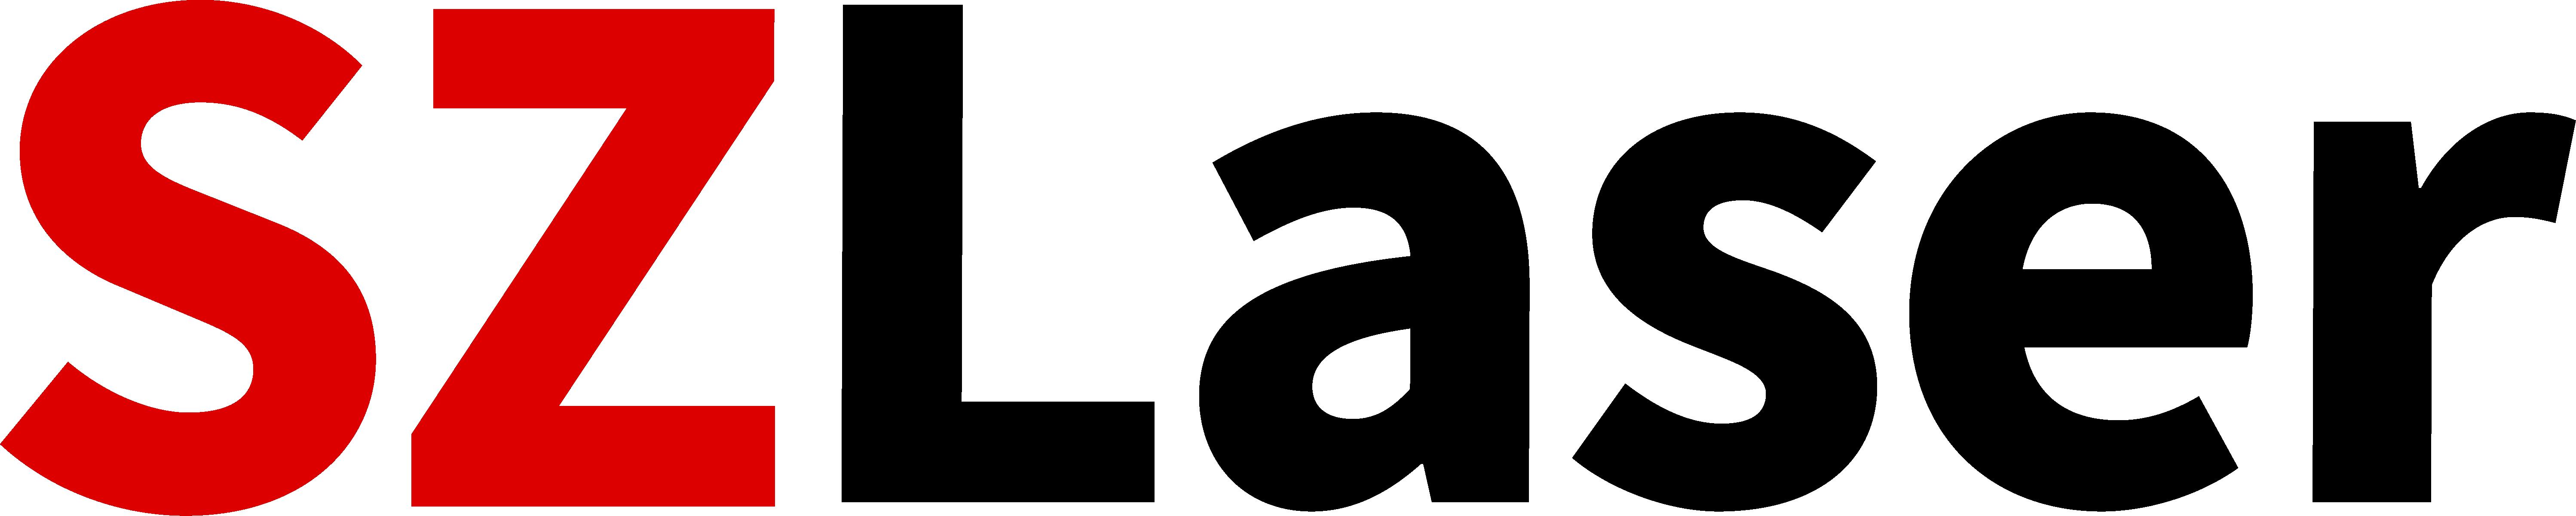 SZLASER Logo